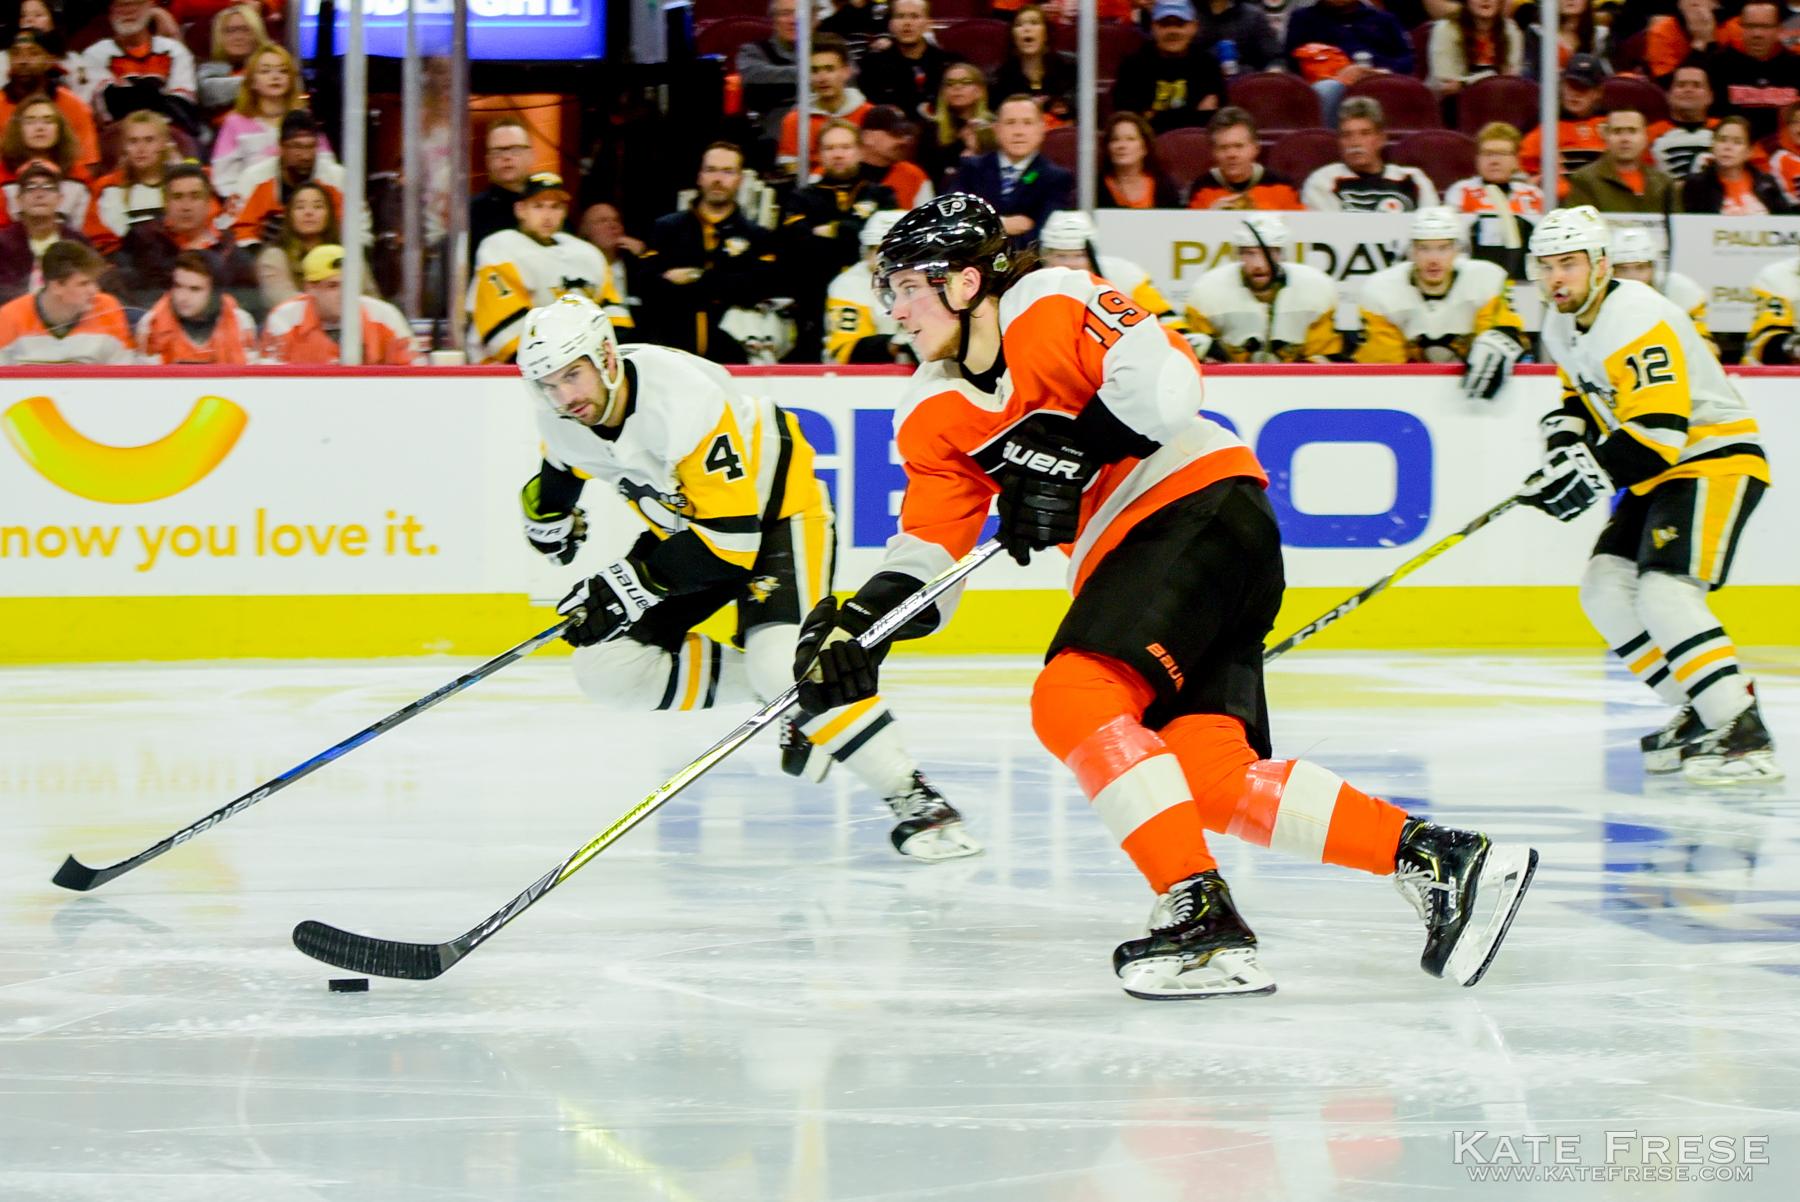 4-18-2018_FlyersvsPens_3rd_playoffs_firstround_credKateFrese-3